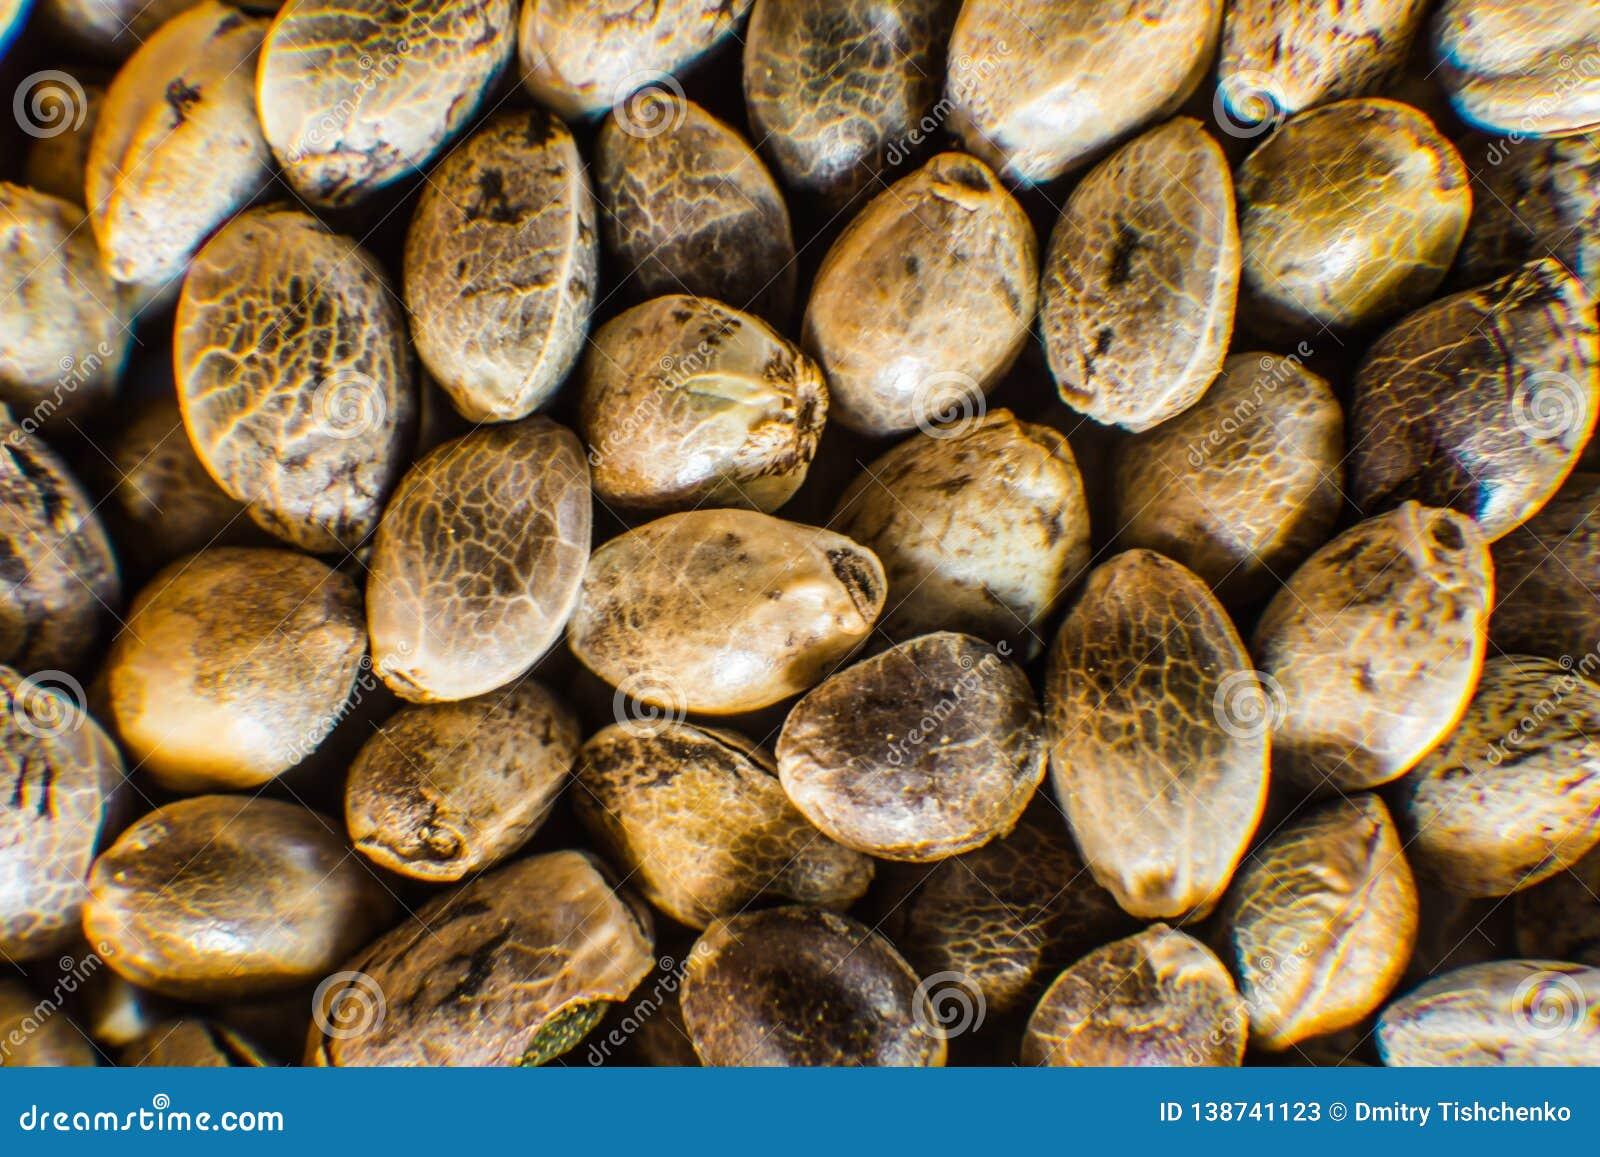 Μακρο λεπτομέρεια του σπόρου μαριχουάνα Υπόβαθρο σπόρων κάνναβης στη μακροεντολή Πολλοί σπόροι καννάβεων Οργανικός σπόρος κάνναβη